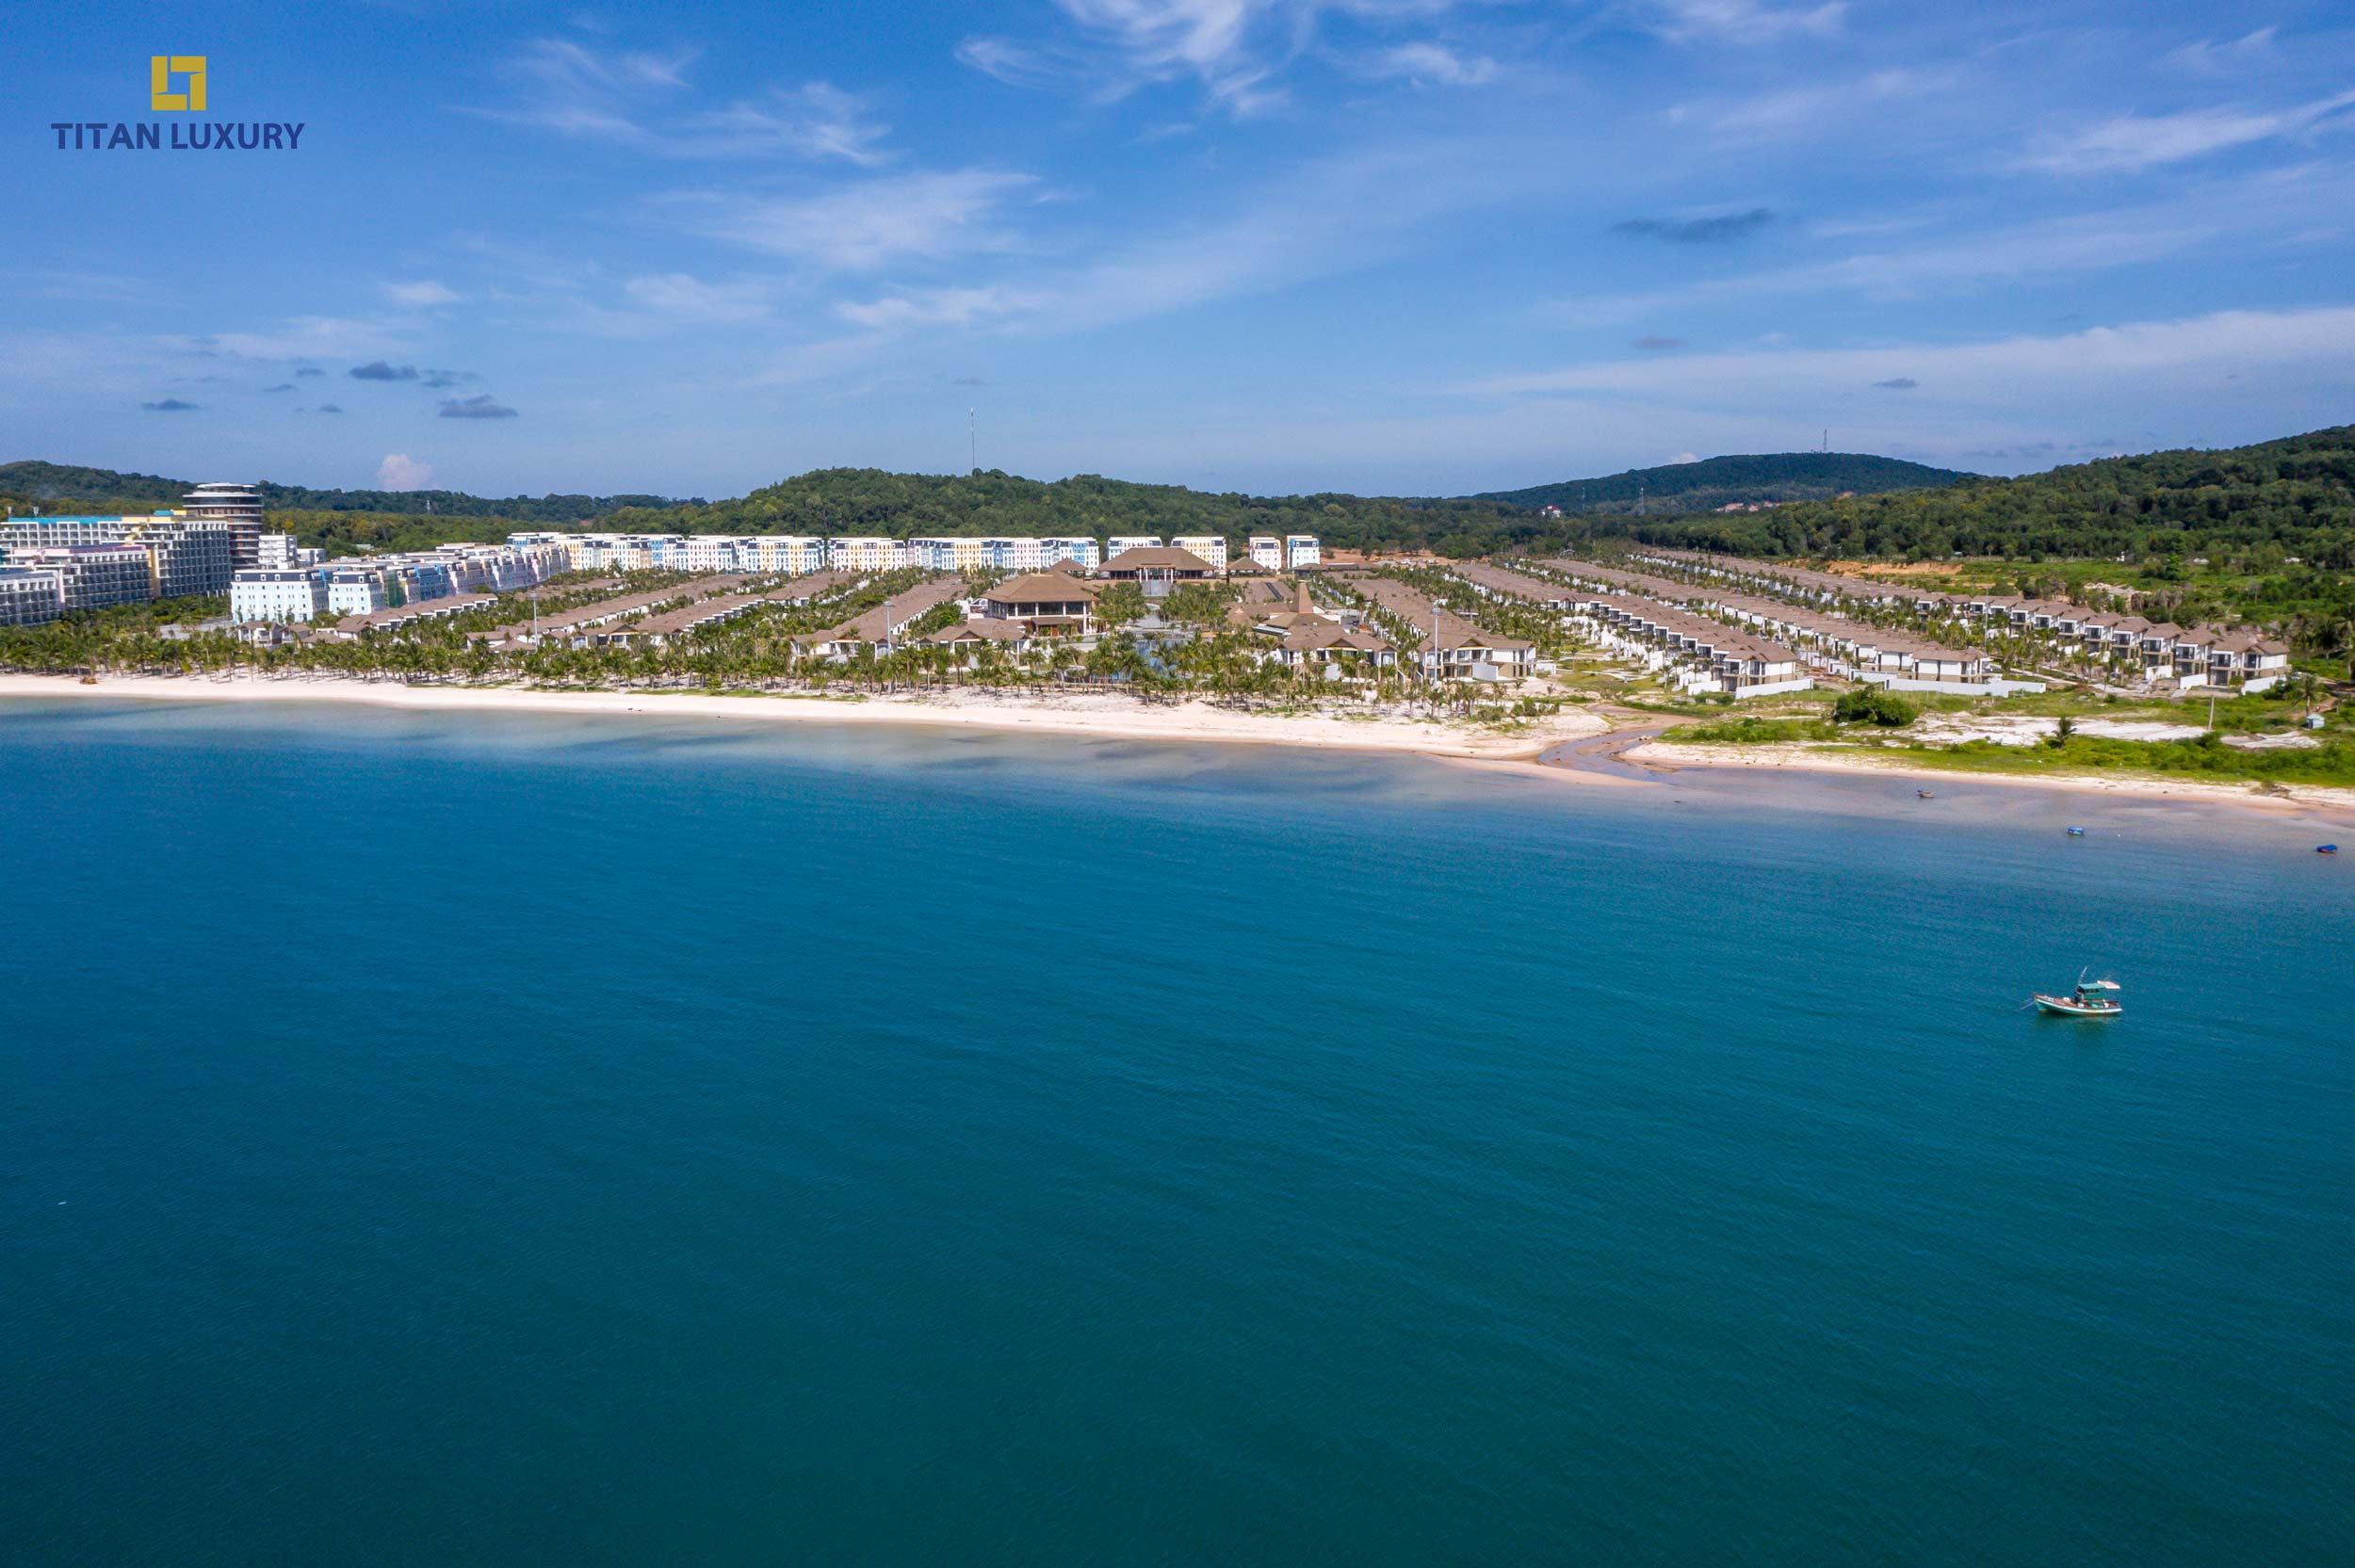 Khu nghỉ dưỡng New World Phu Quoc Resort đang dần hoàn thiện để đón những vị khách đầu tiên